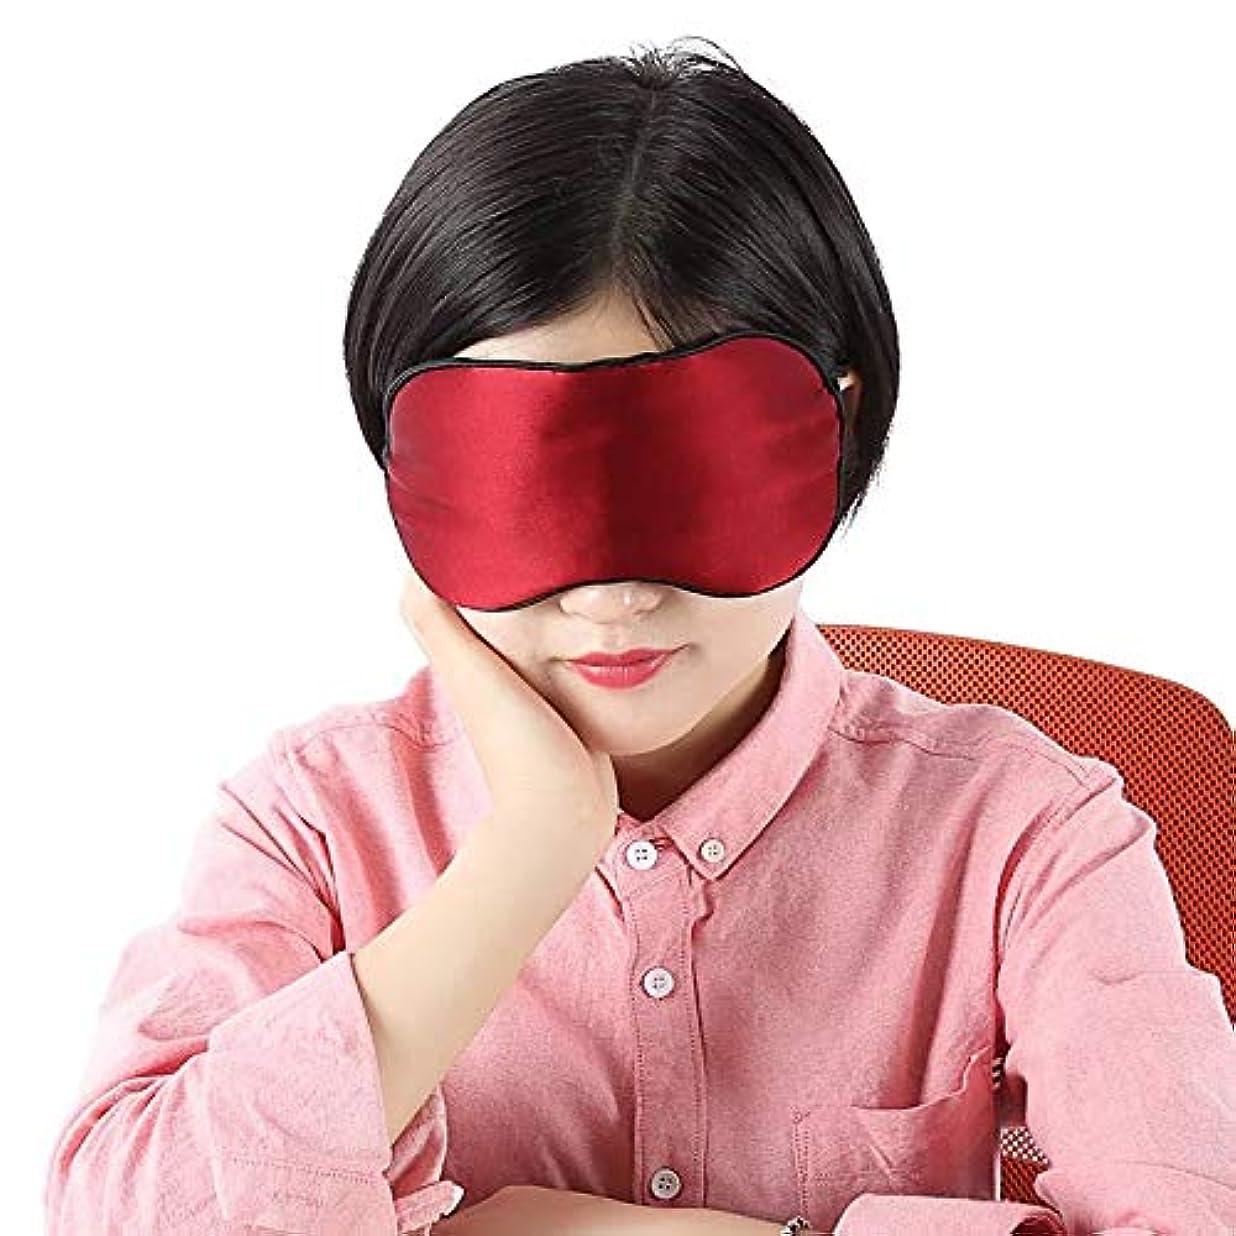 ダブル時制苦しみNOTE 1ピース両面純粋なシルク睡眠休息アイマスクパッド入りシェードカバー旅行リラックス援助目隠し送料無料